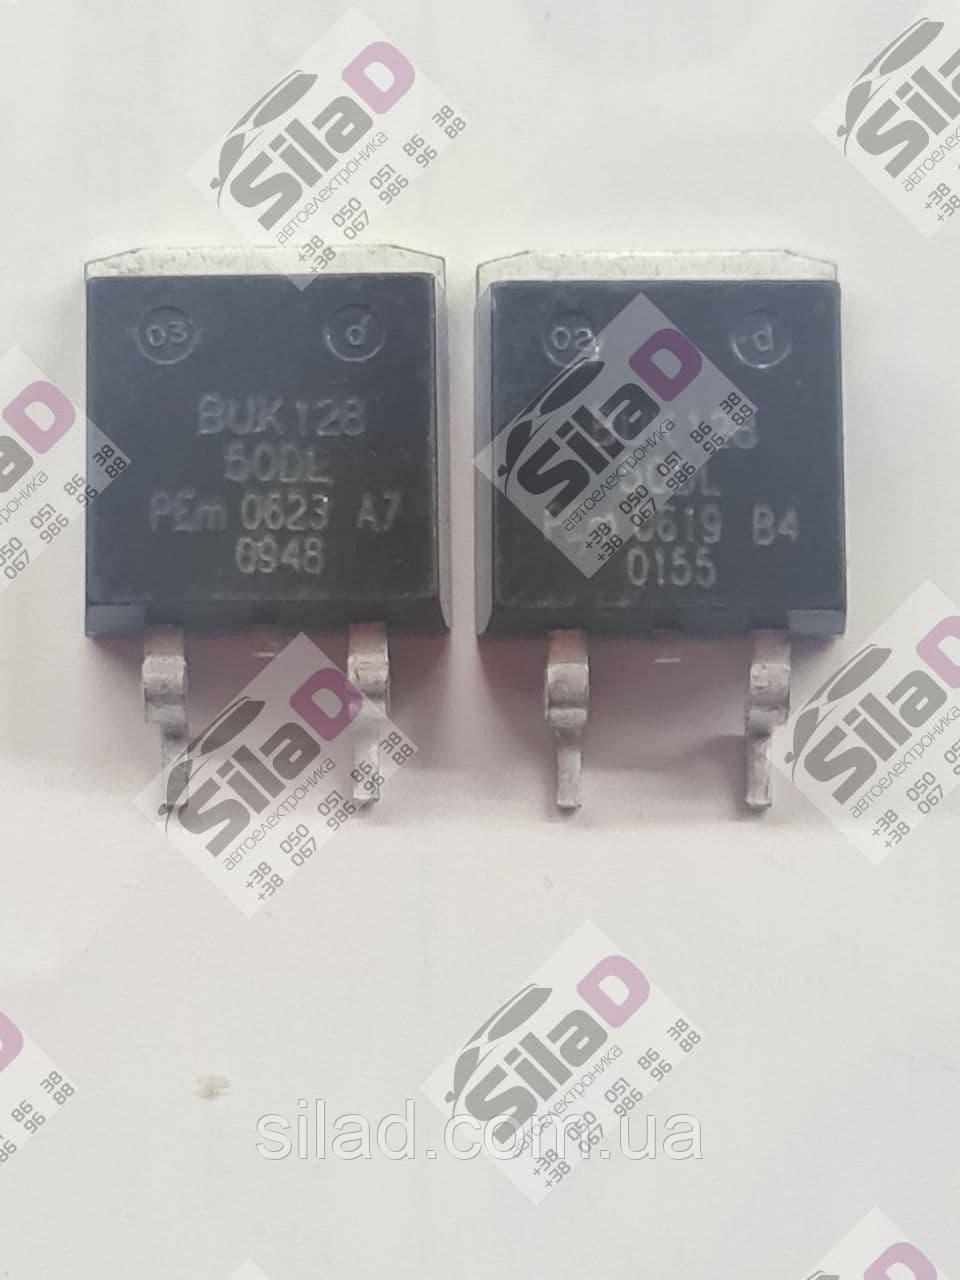 Транзистор BUK128-50DL NXP корпус TO-263-3